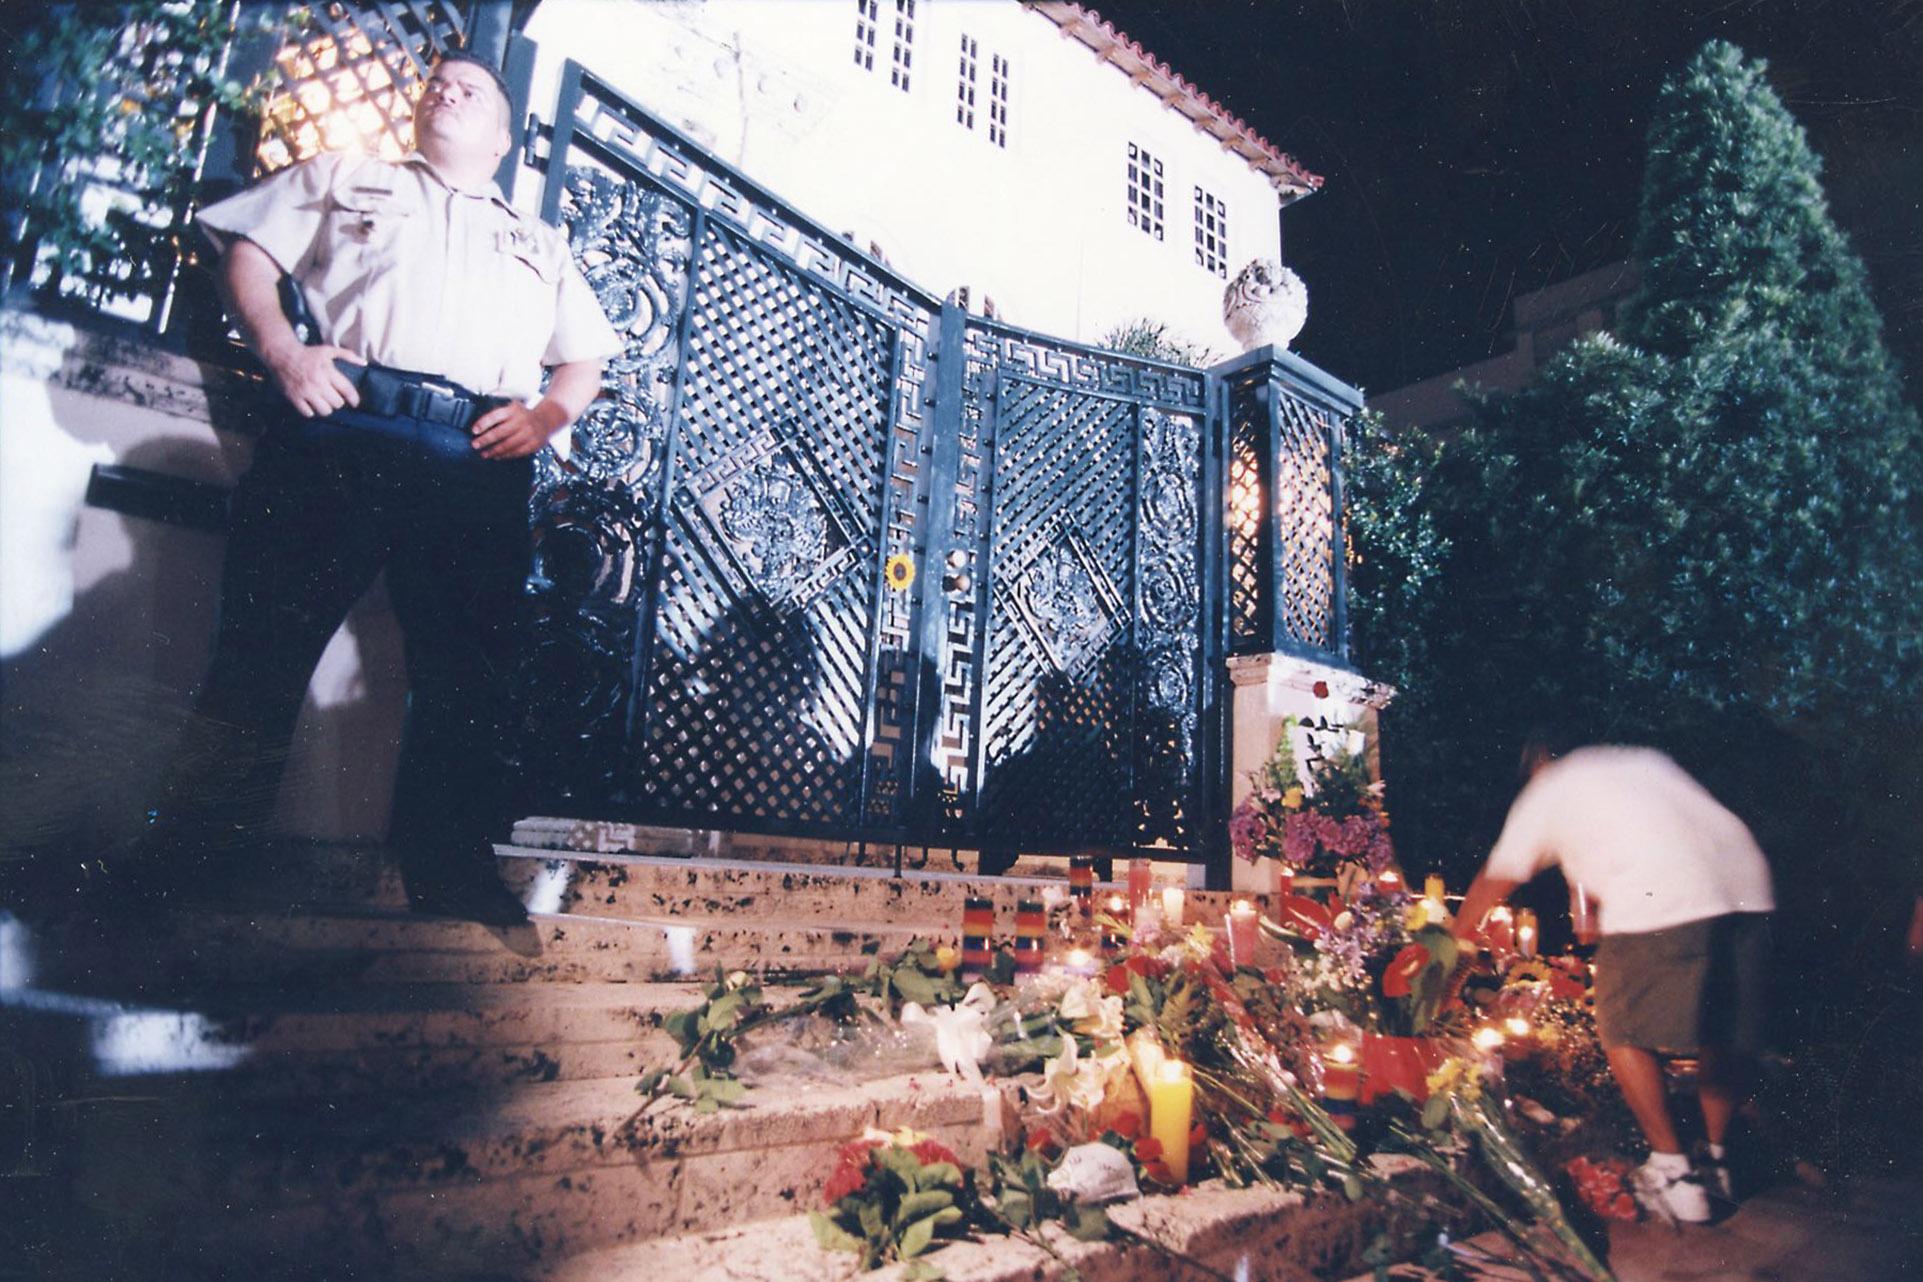 Horas después del crimen los admiradores de Versace acercaron distintas ofrendas (Fotos: Para Ti)